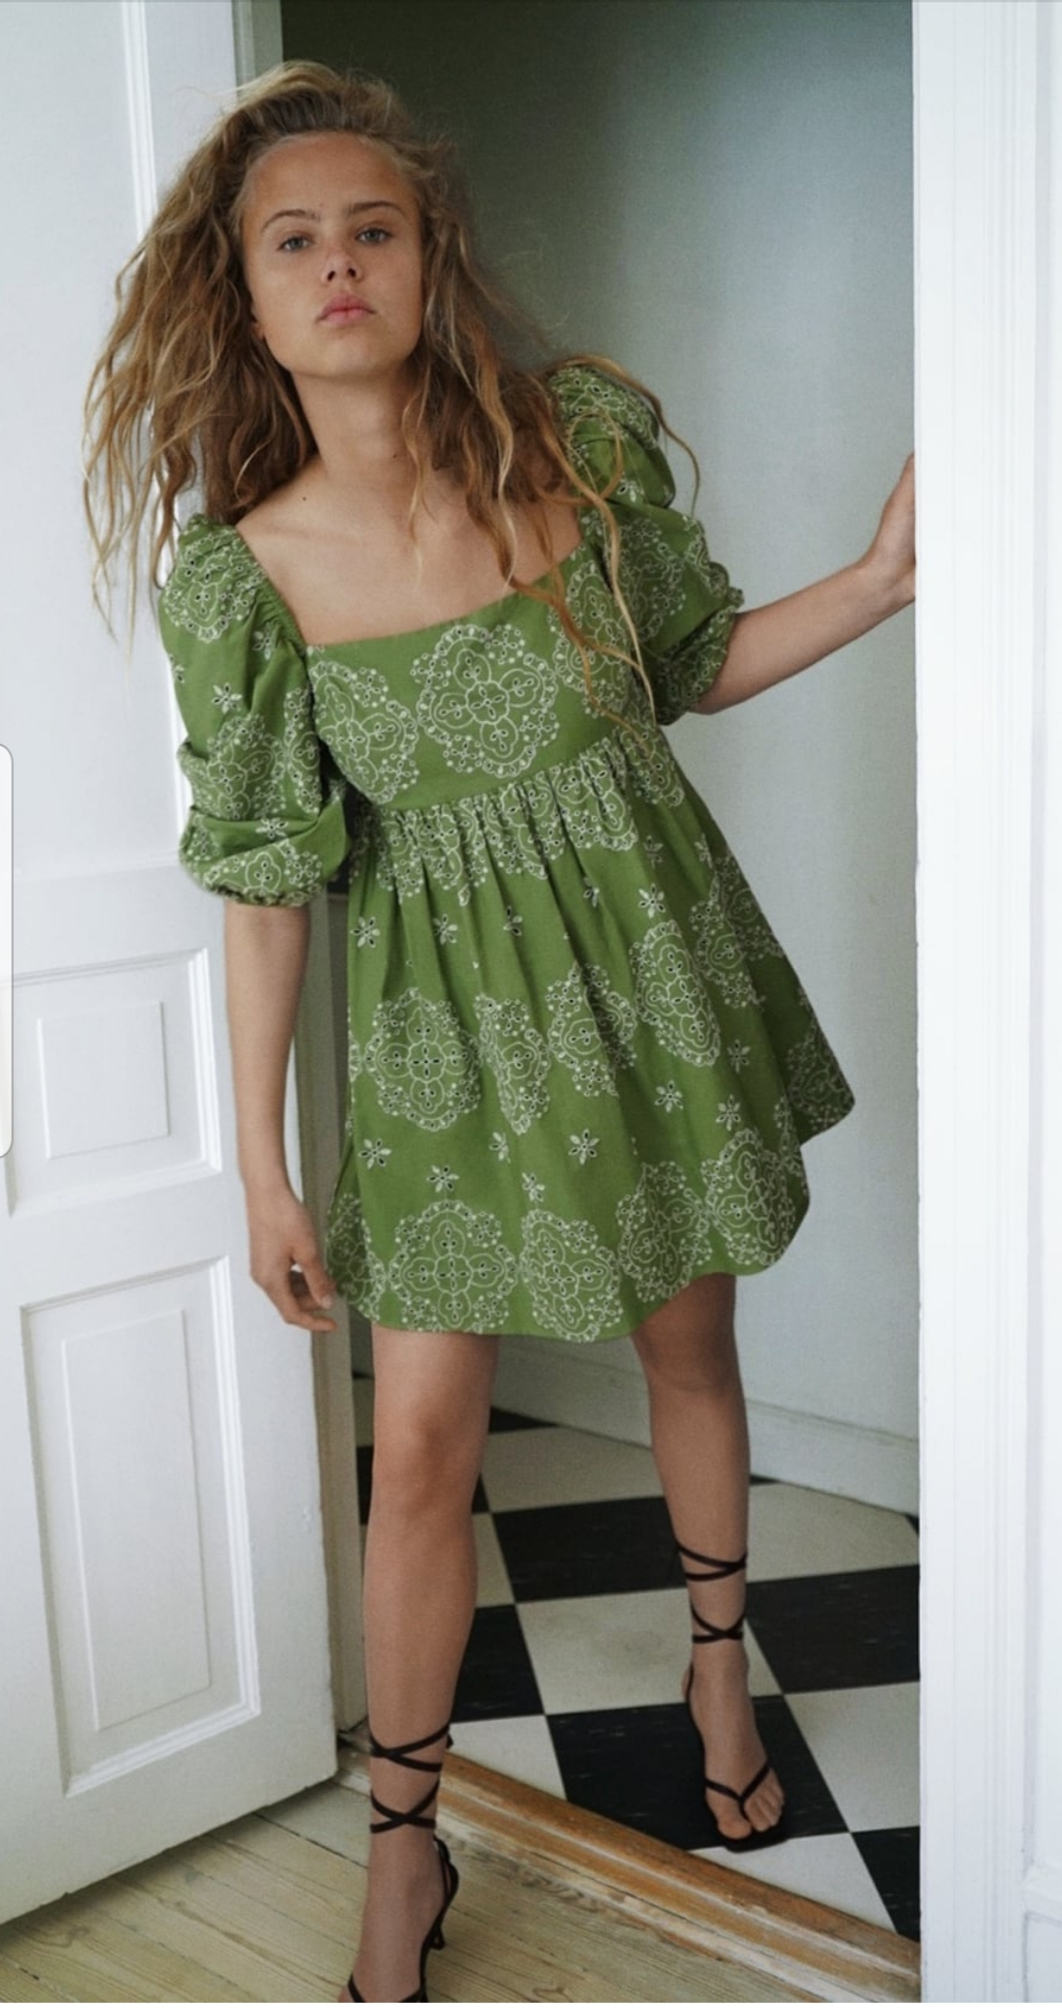 Broderie haljina - sve što nam treba ovog ljeta